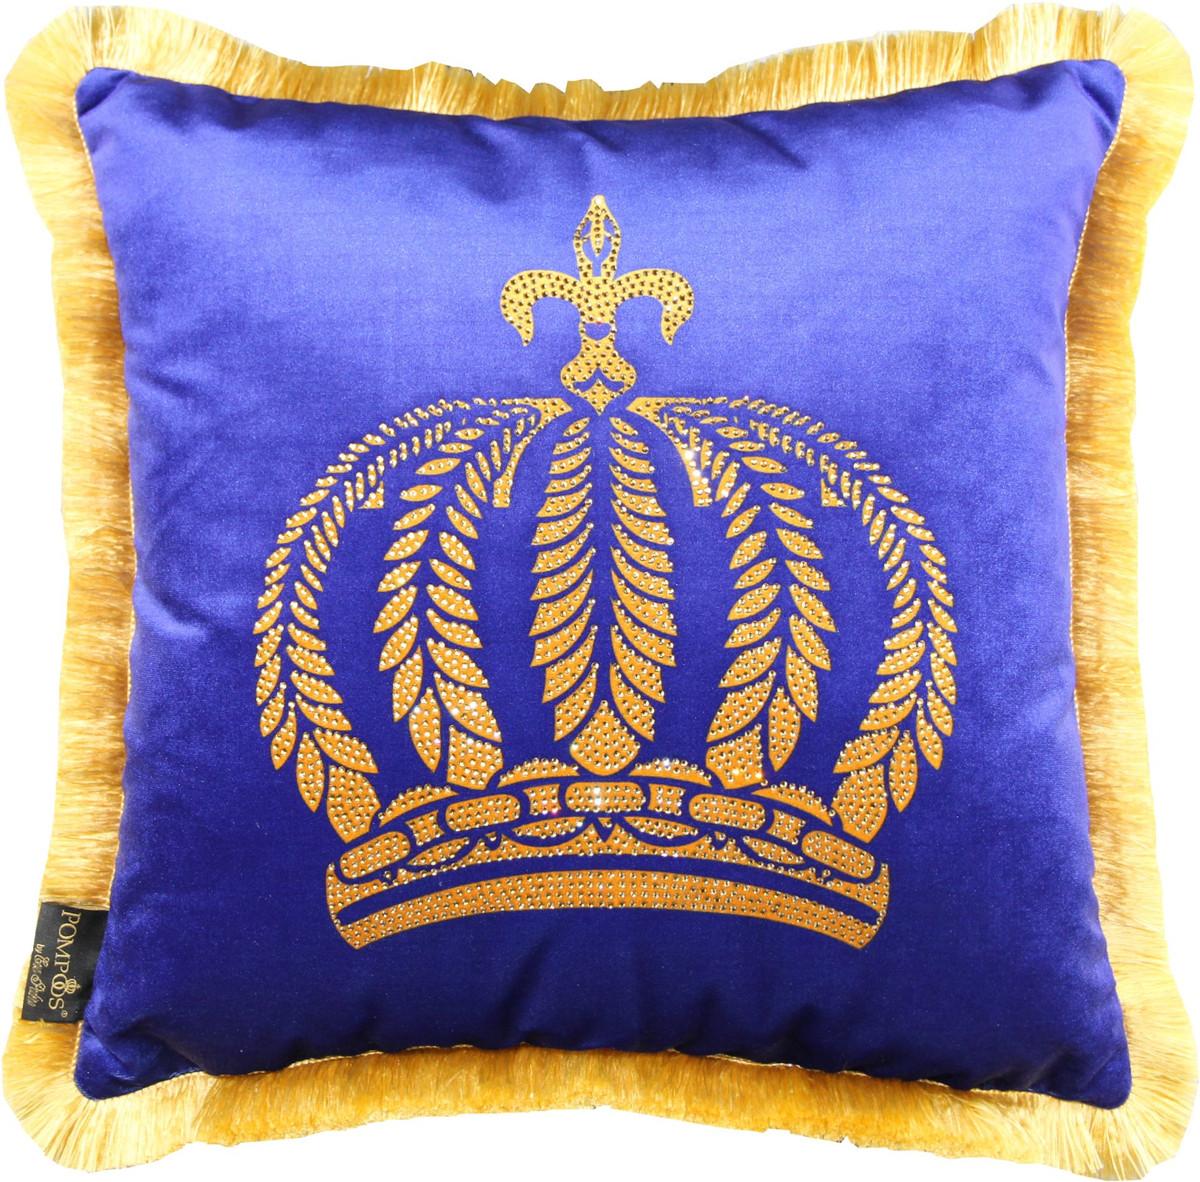 Harald gl ckler luxus deko kissen pomp s by casa padrino for Luxus deko